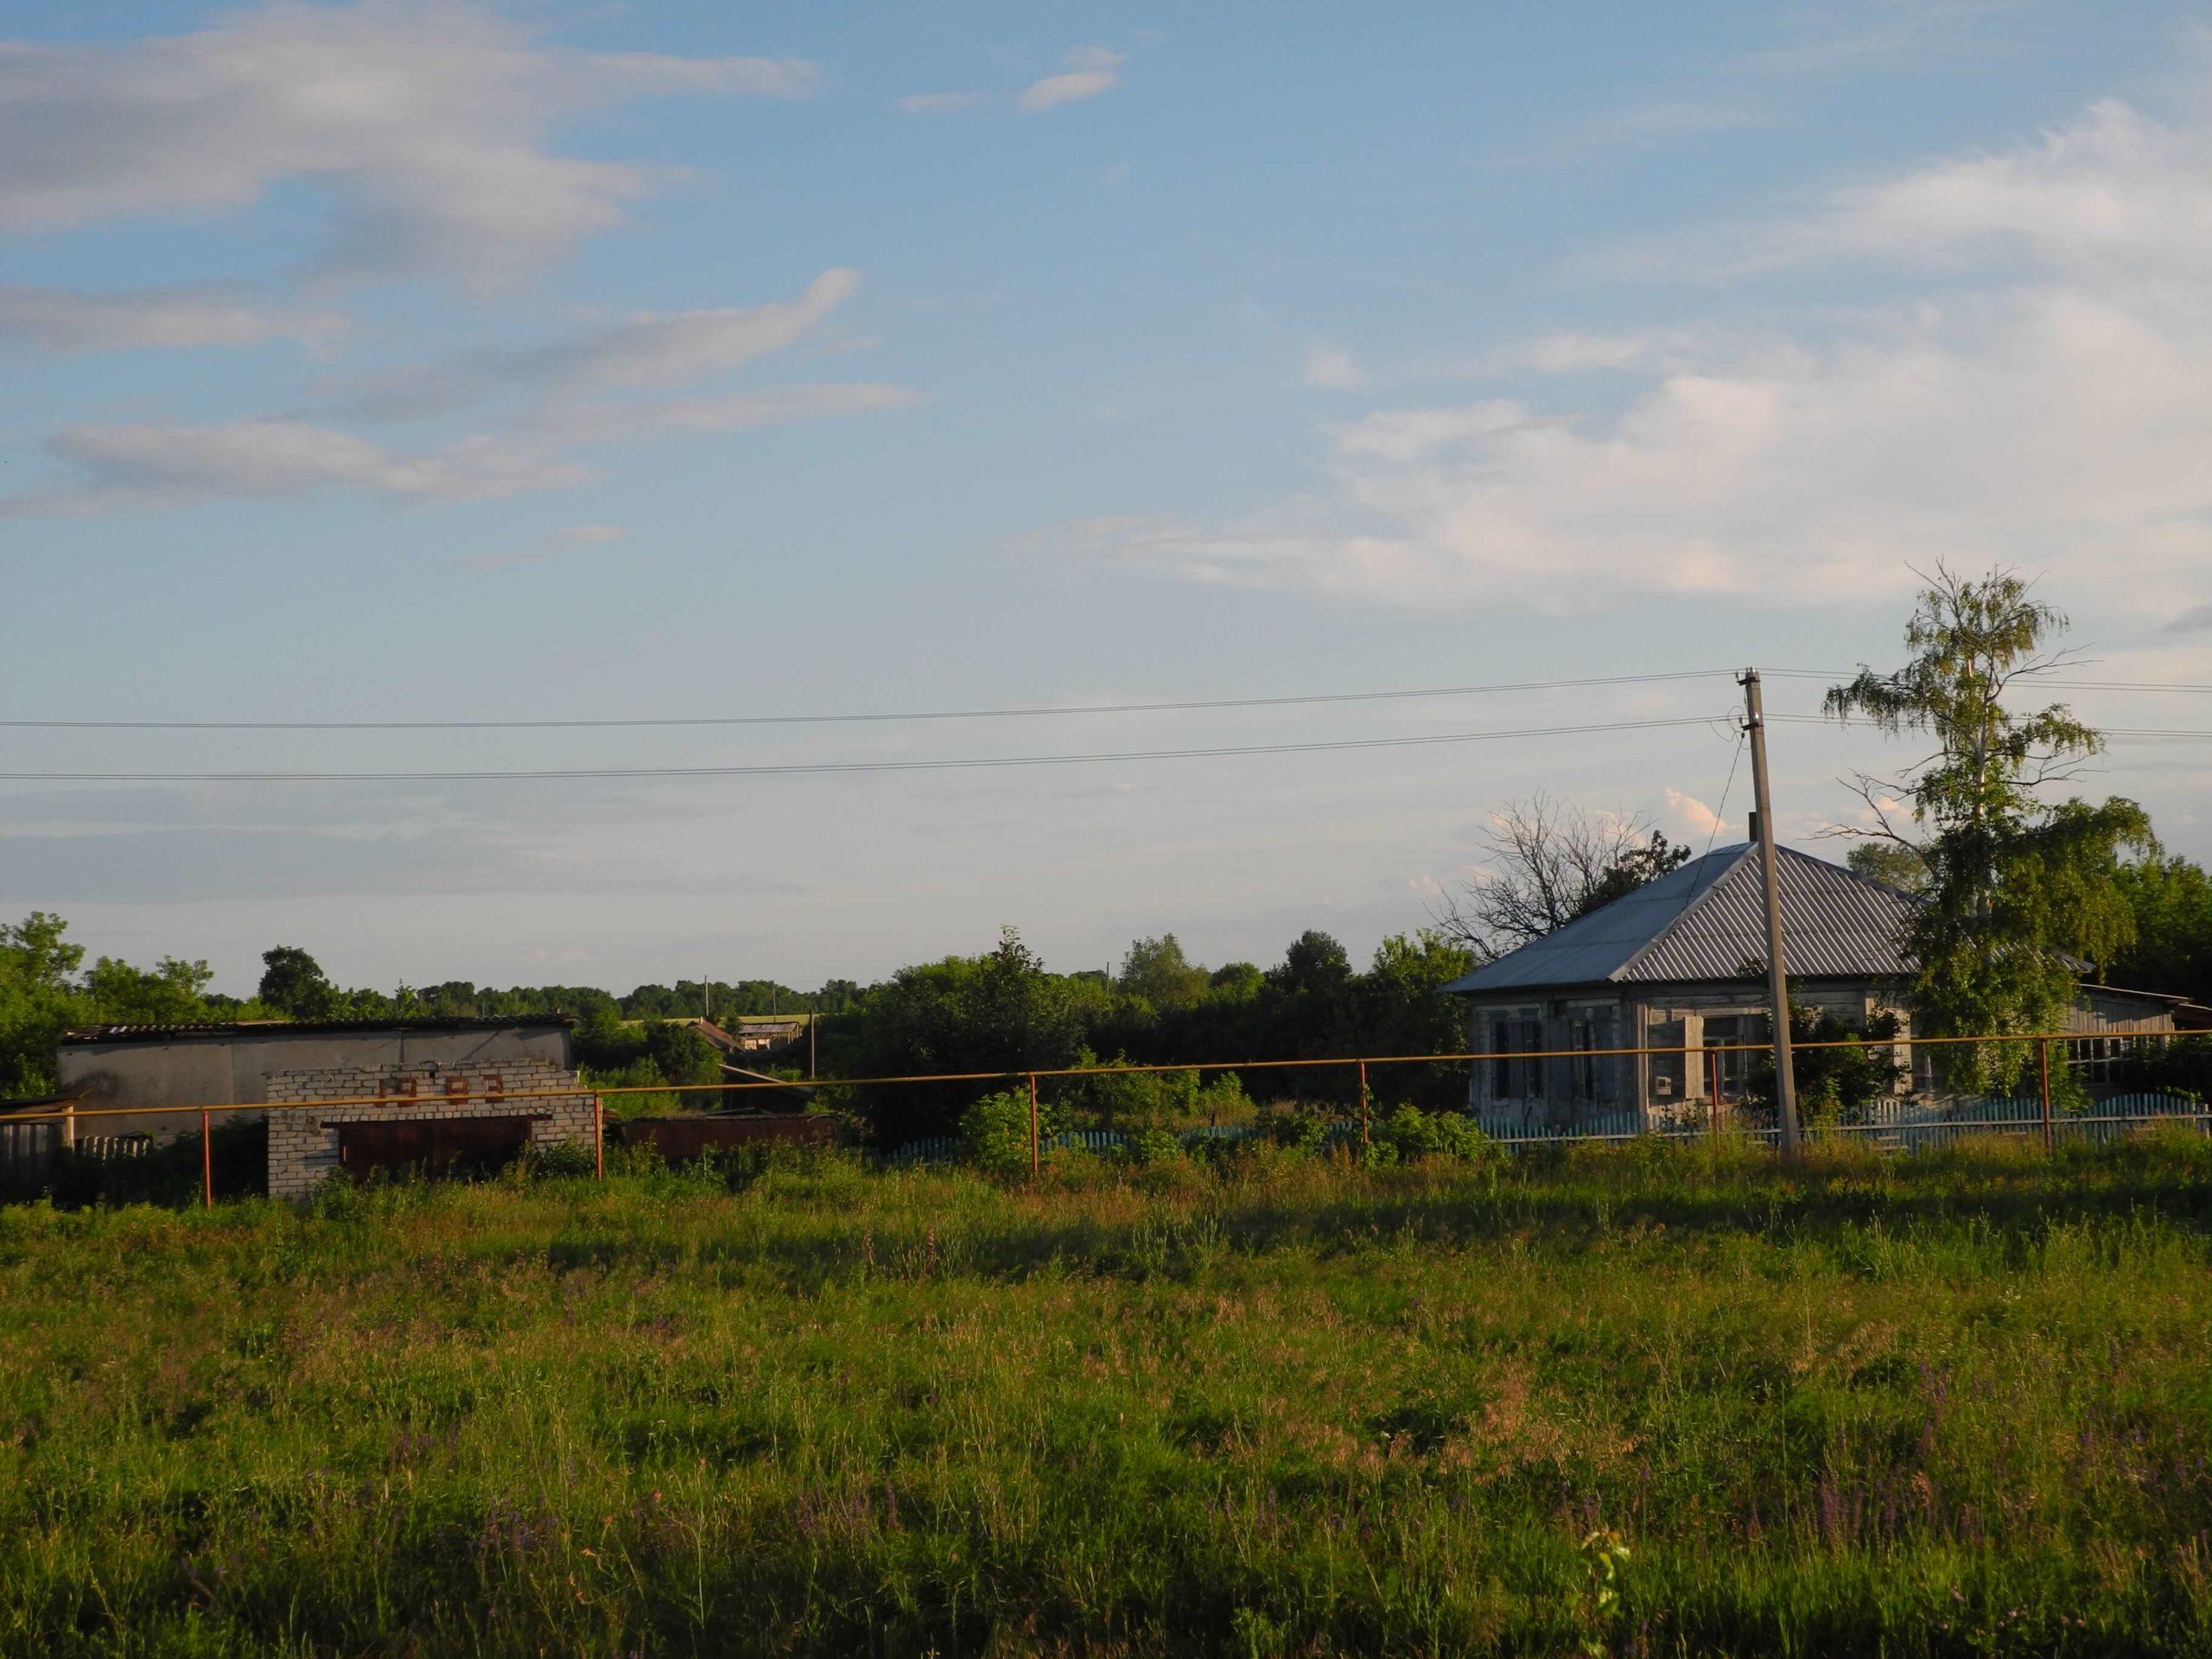 земельный участок без документов домик в деревне